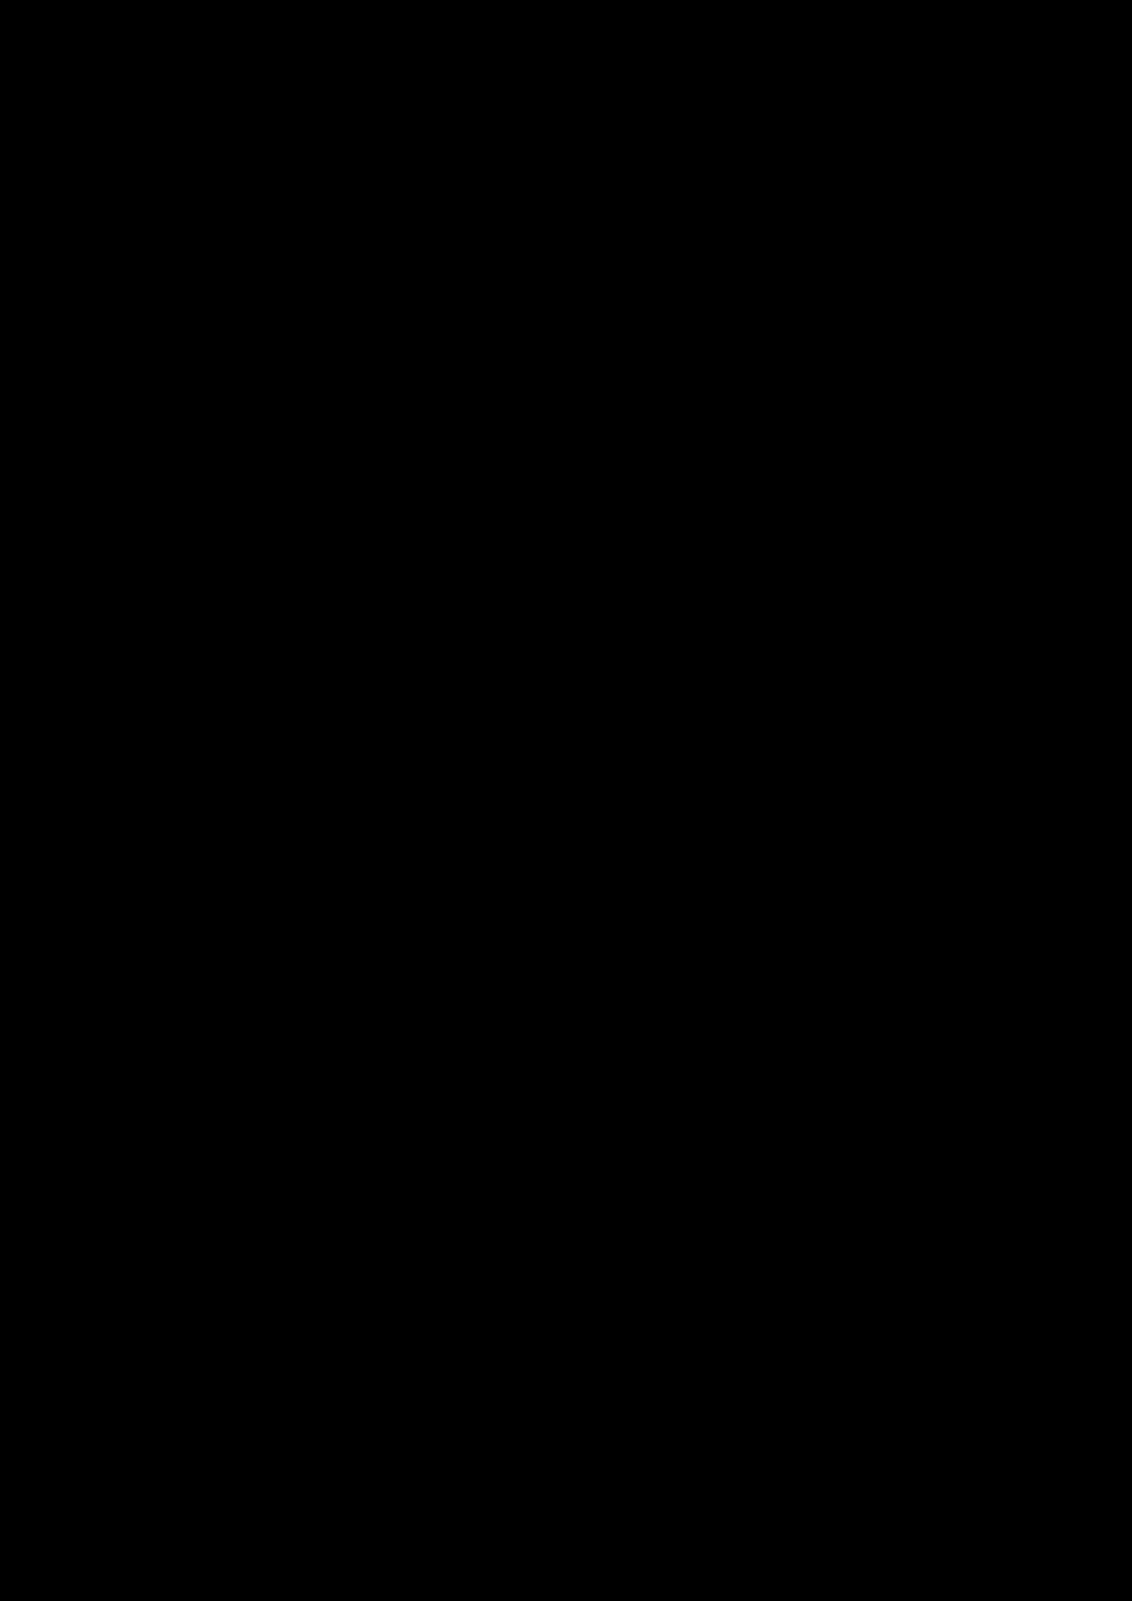 Serdtse slide, Image 70